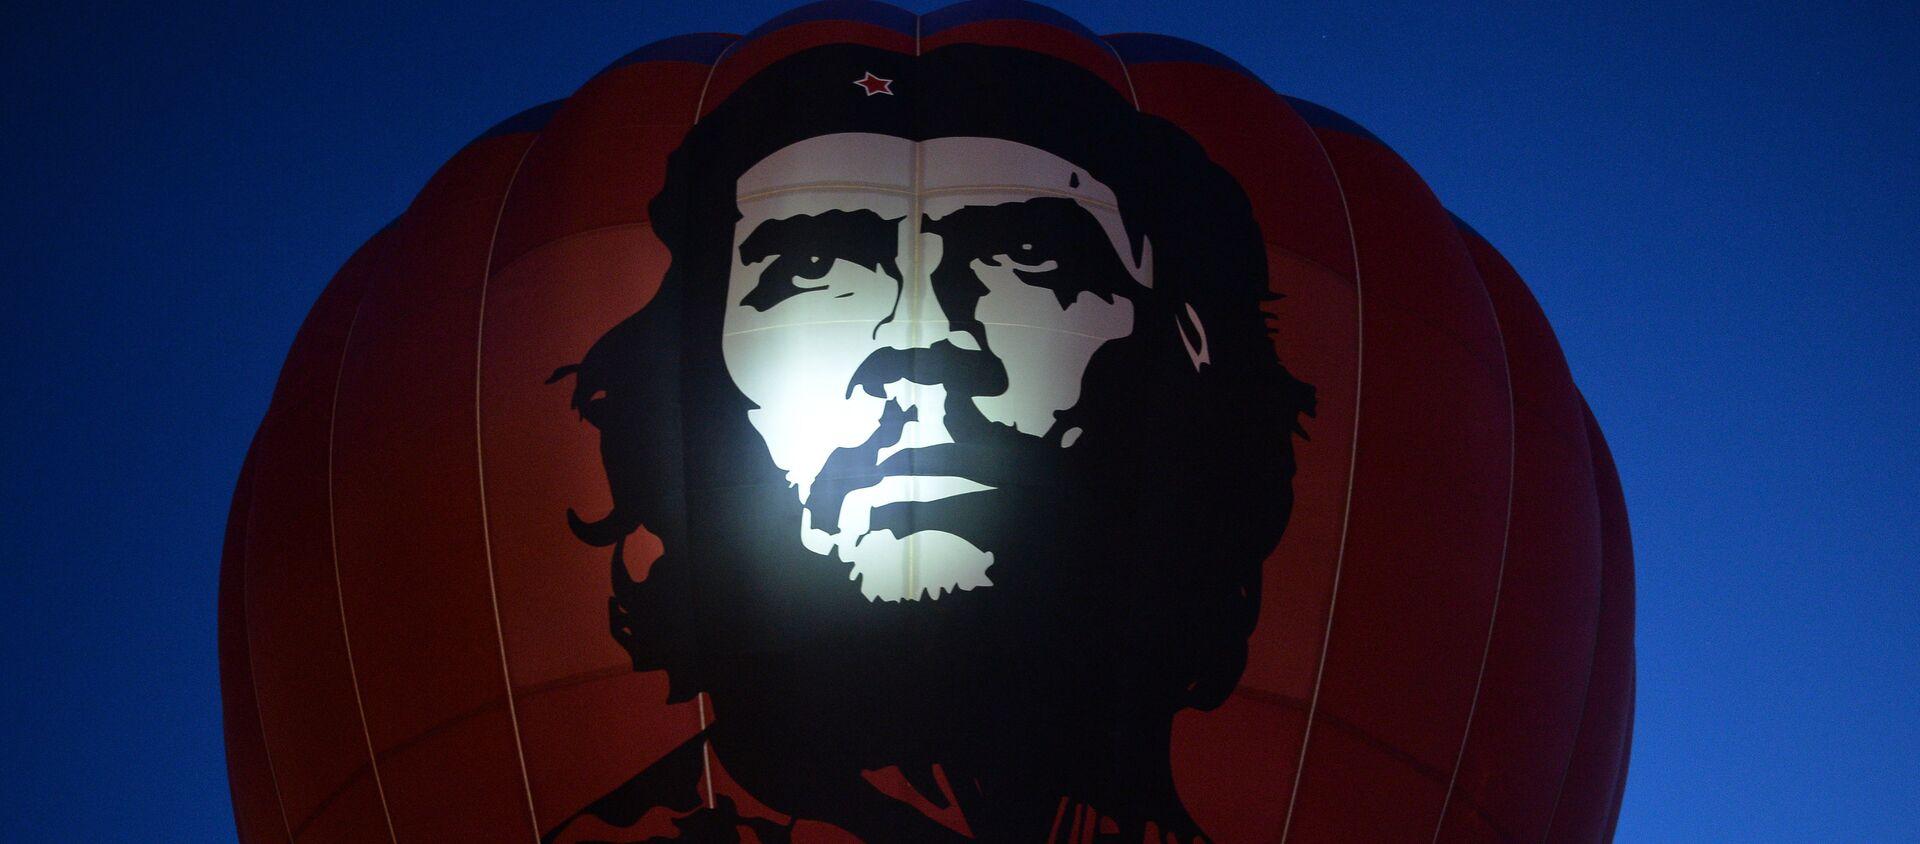 Retrato de Che Guevara - Sputnik Mundo, 1920, 18.04.2018